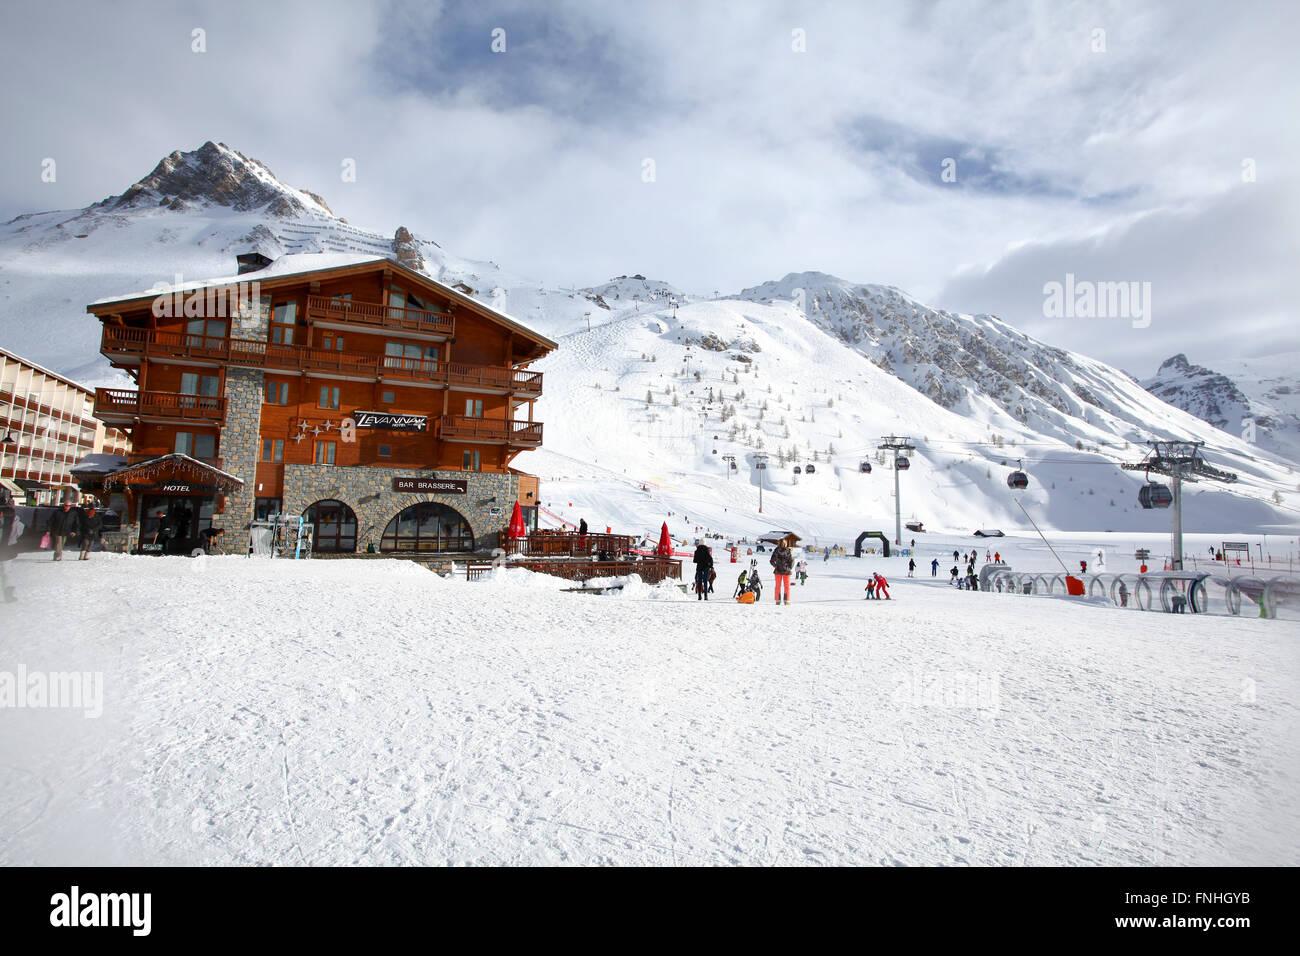 Tignes, France, Ski resort - Stock Image